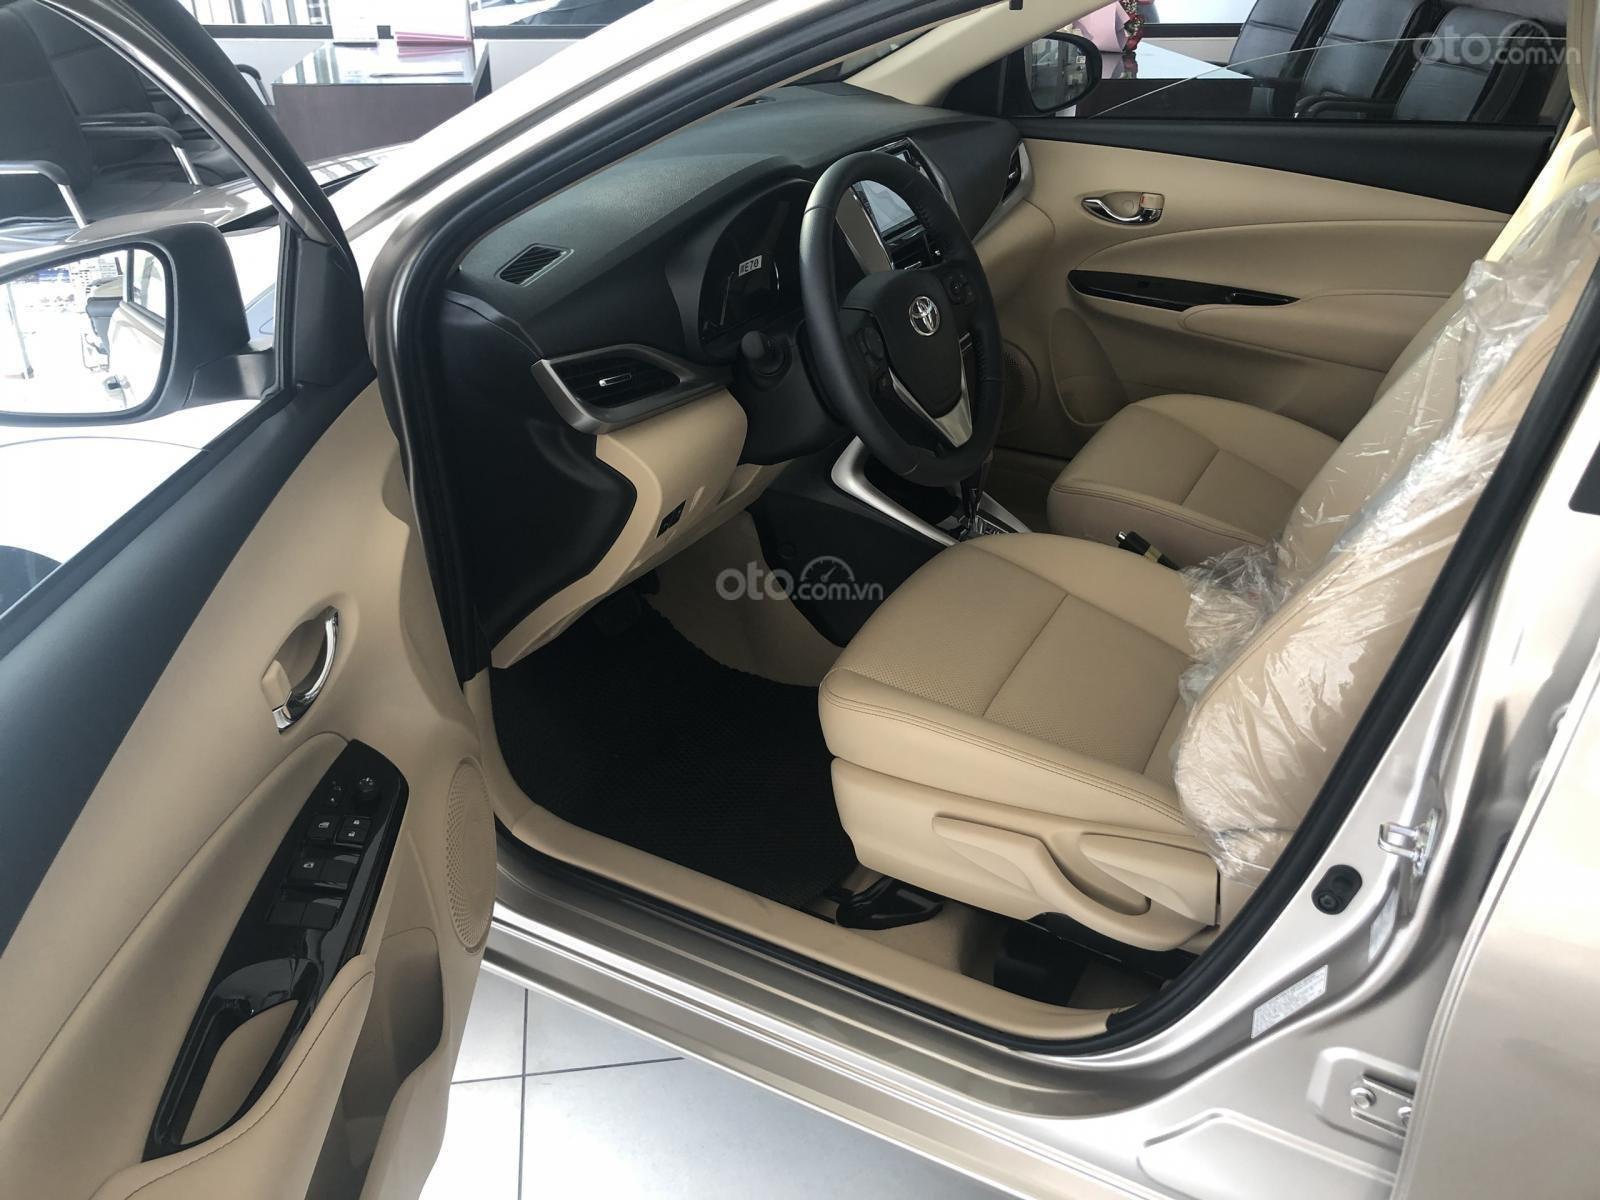 Toyota Vios 2020 còn 30 ngày giảm phí trước bạ 50%, KM tiền mặt kèm tặng phụ kiện, giao xe ngay (6)